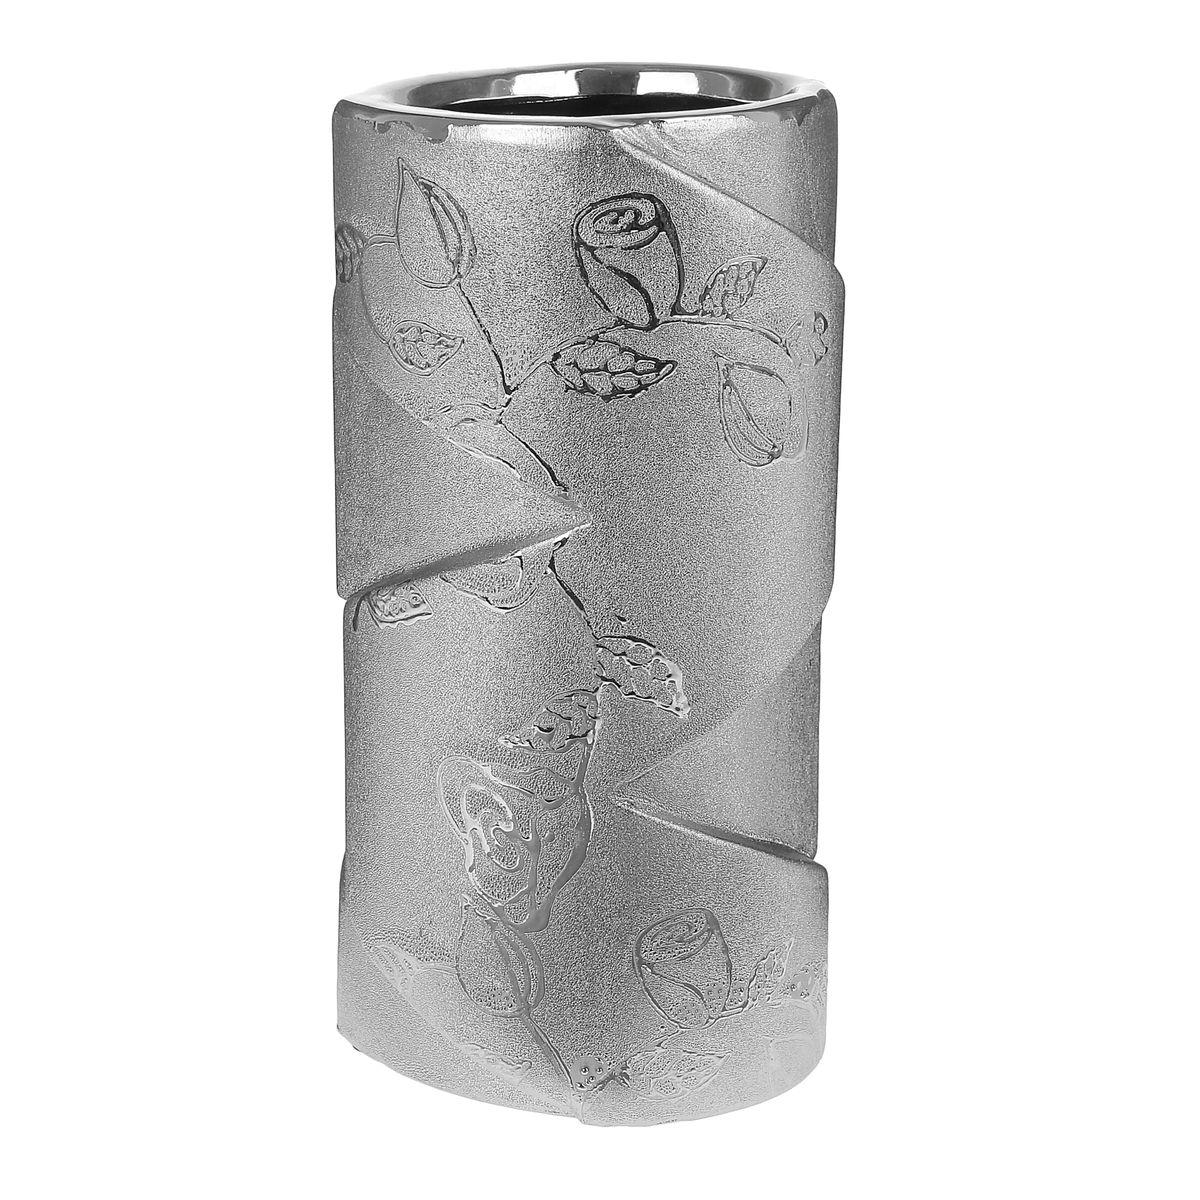 Ваза Sima-land Серебряная роза, высота 18 смFS-91909Ваза Sima-land Серебряная роза, изготовленная из высококачественной керамики, оформлена изображением цветов и имеет изысканный внешний вид. Дно изделия оснащено противоскользящими накладками. Интересная форма и необычное оформление сделают эту вазу замечательным дополнением интерьера. Ваза предназначена как для живых, так и для искусственных цветов.